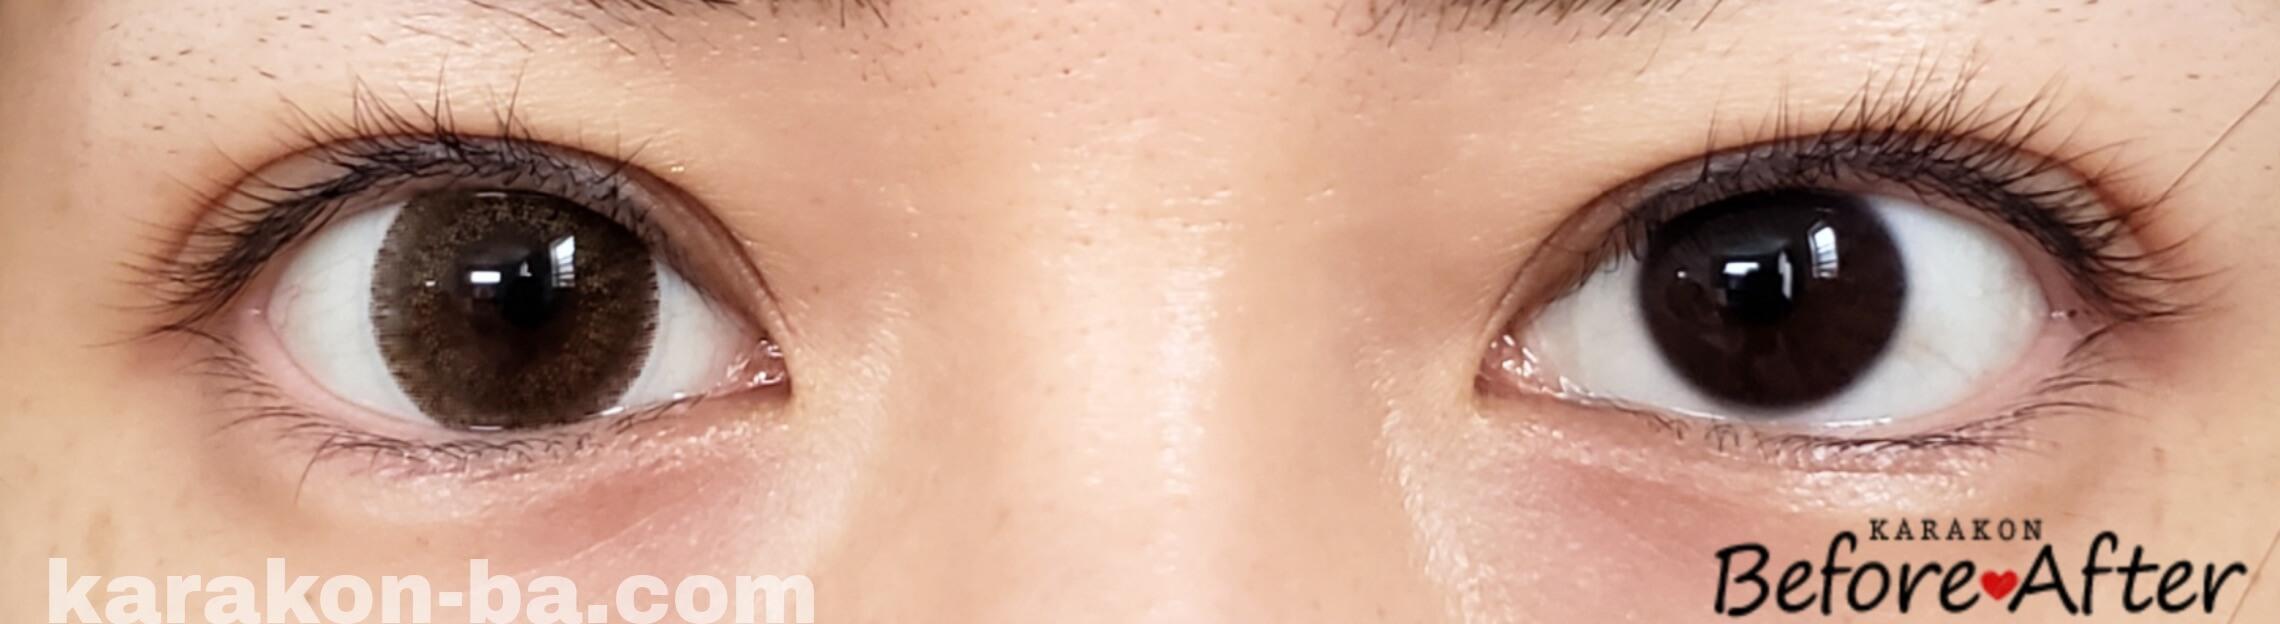 ベージュのカラコン装着画像/裸眼と比較